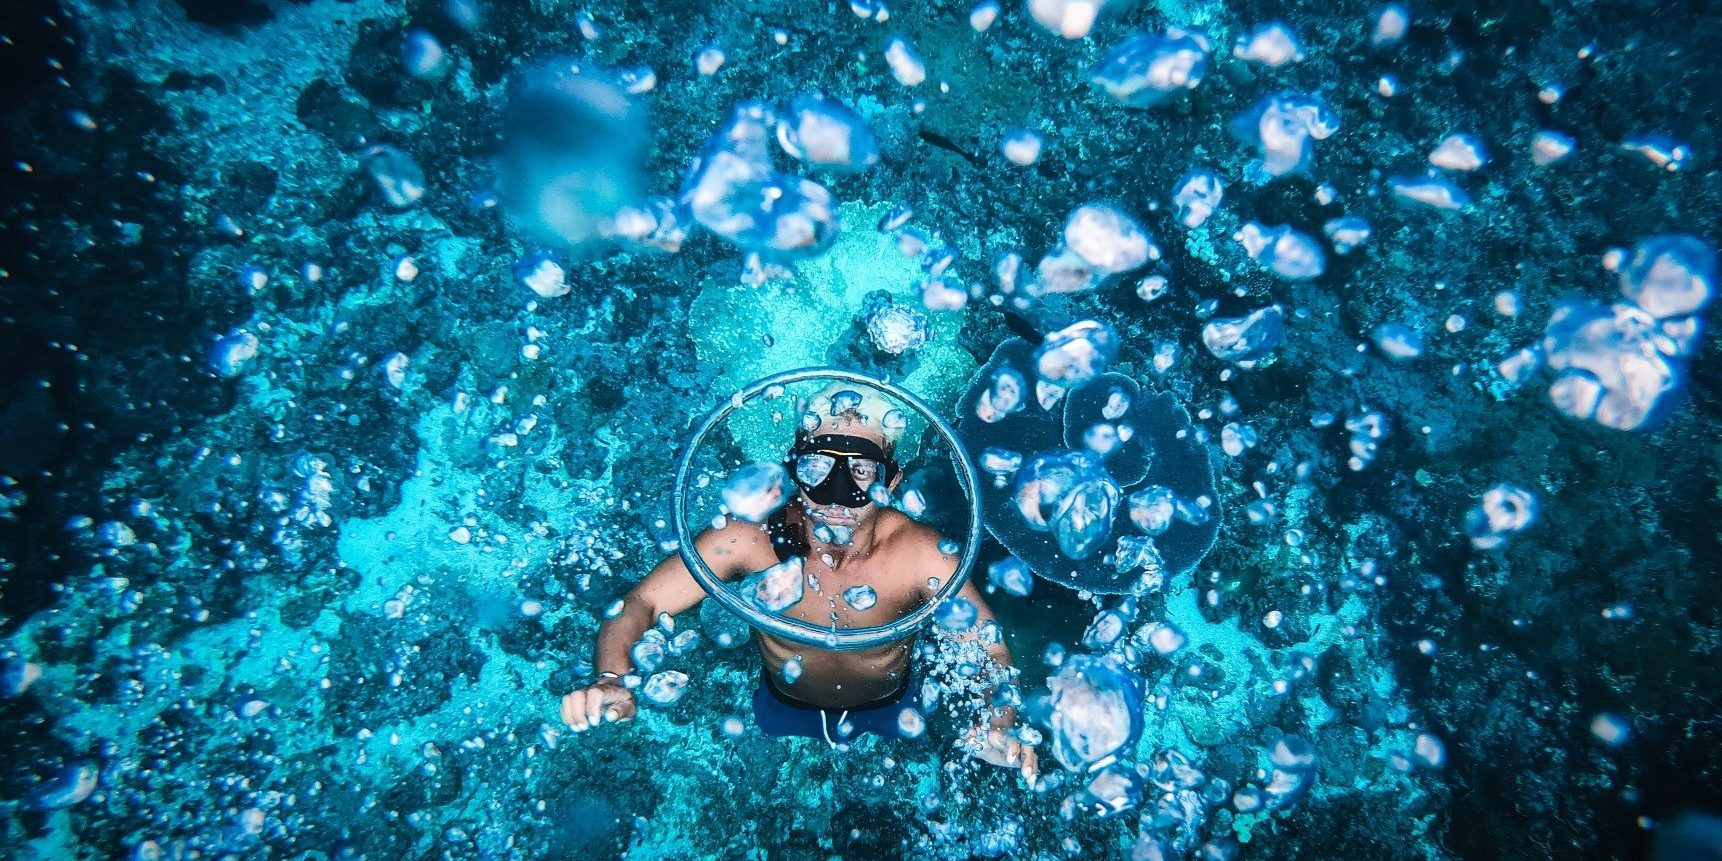 underwater-world_t20_oR0obe